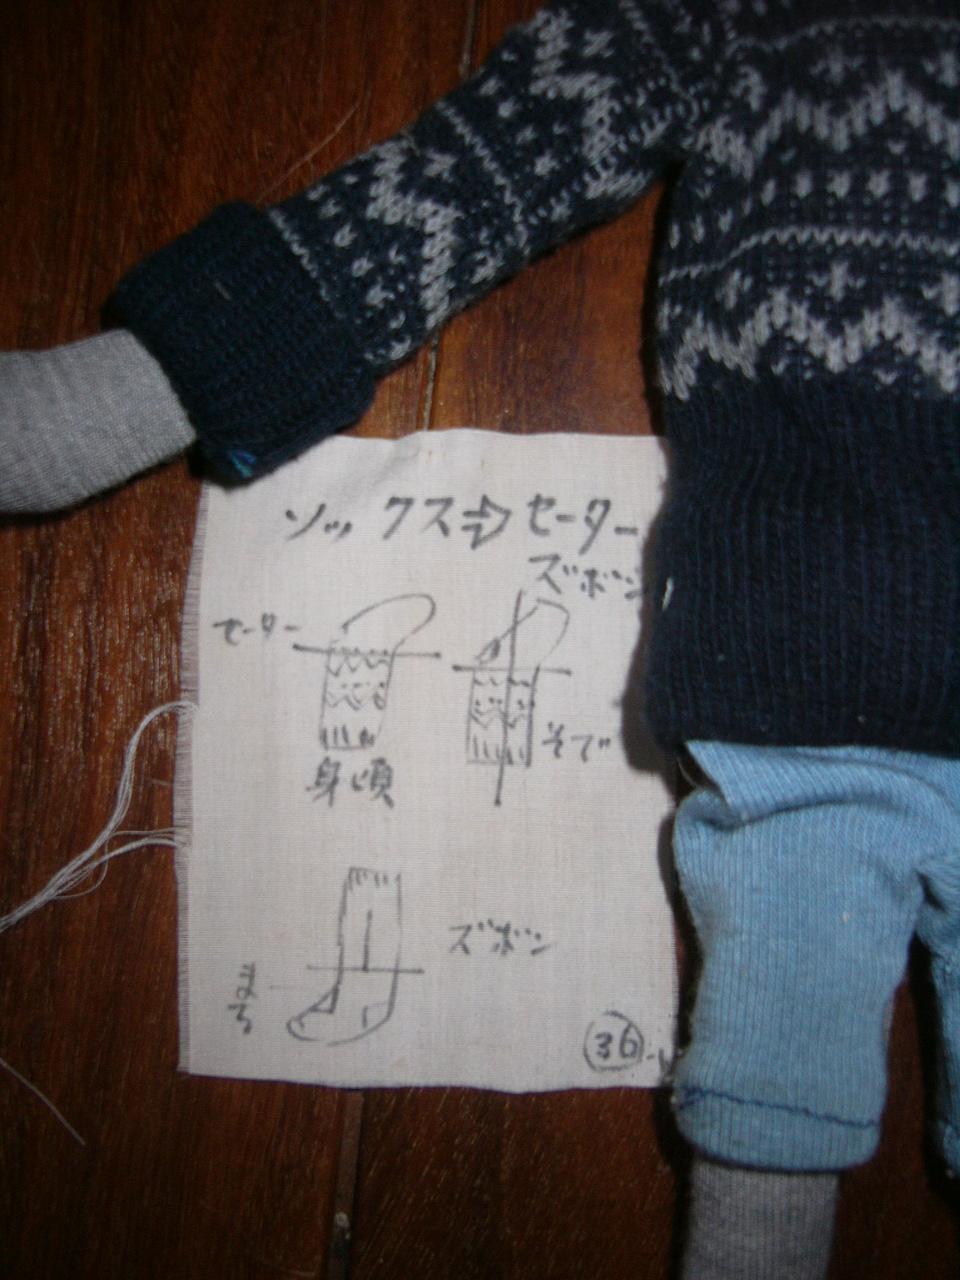 縫いぐるみの服